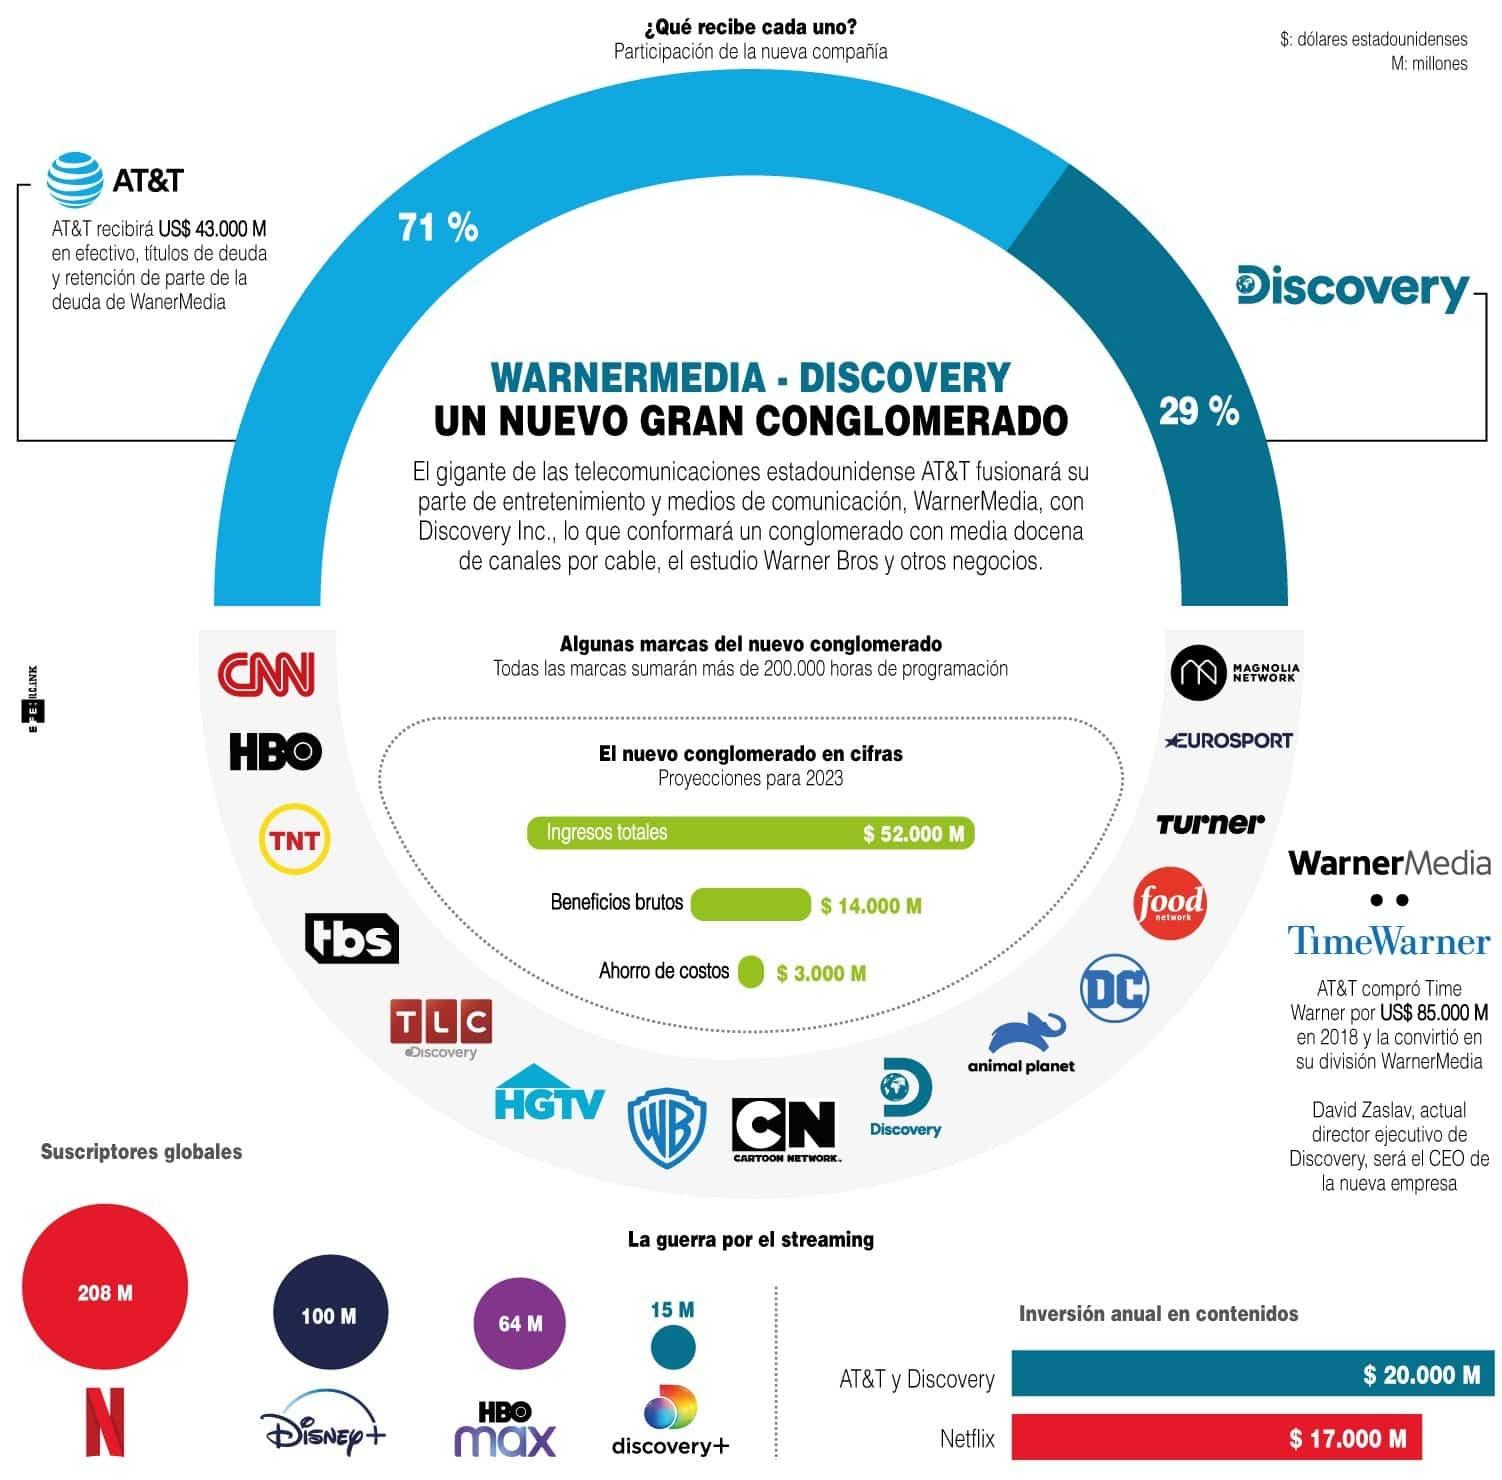 [Infografía AT&T] - Discovery: Un nuevo gran conglomerado 1